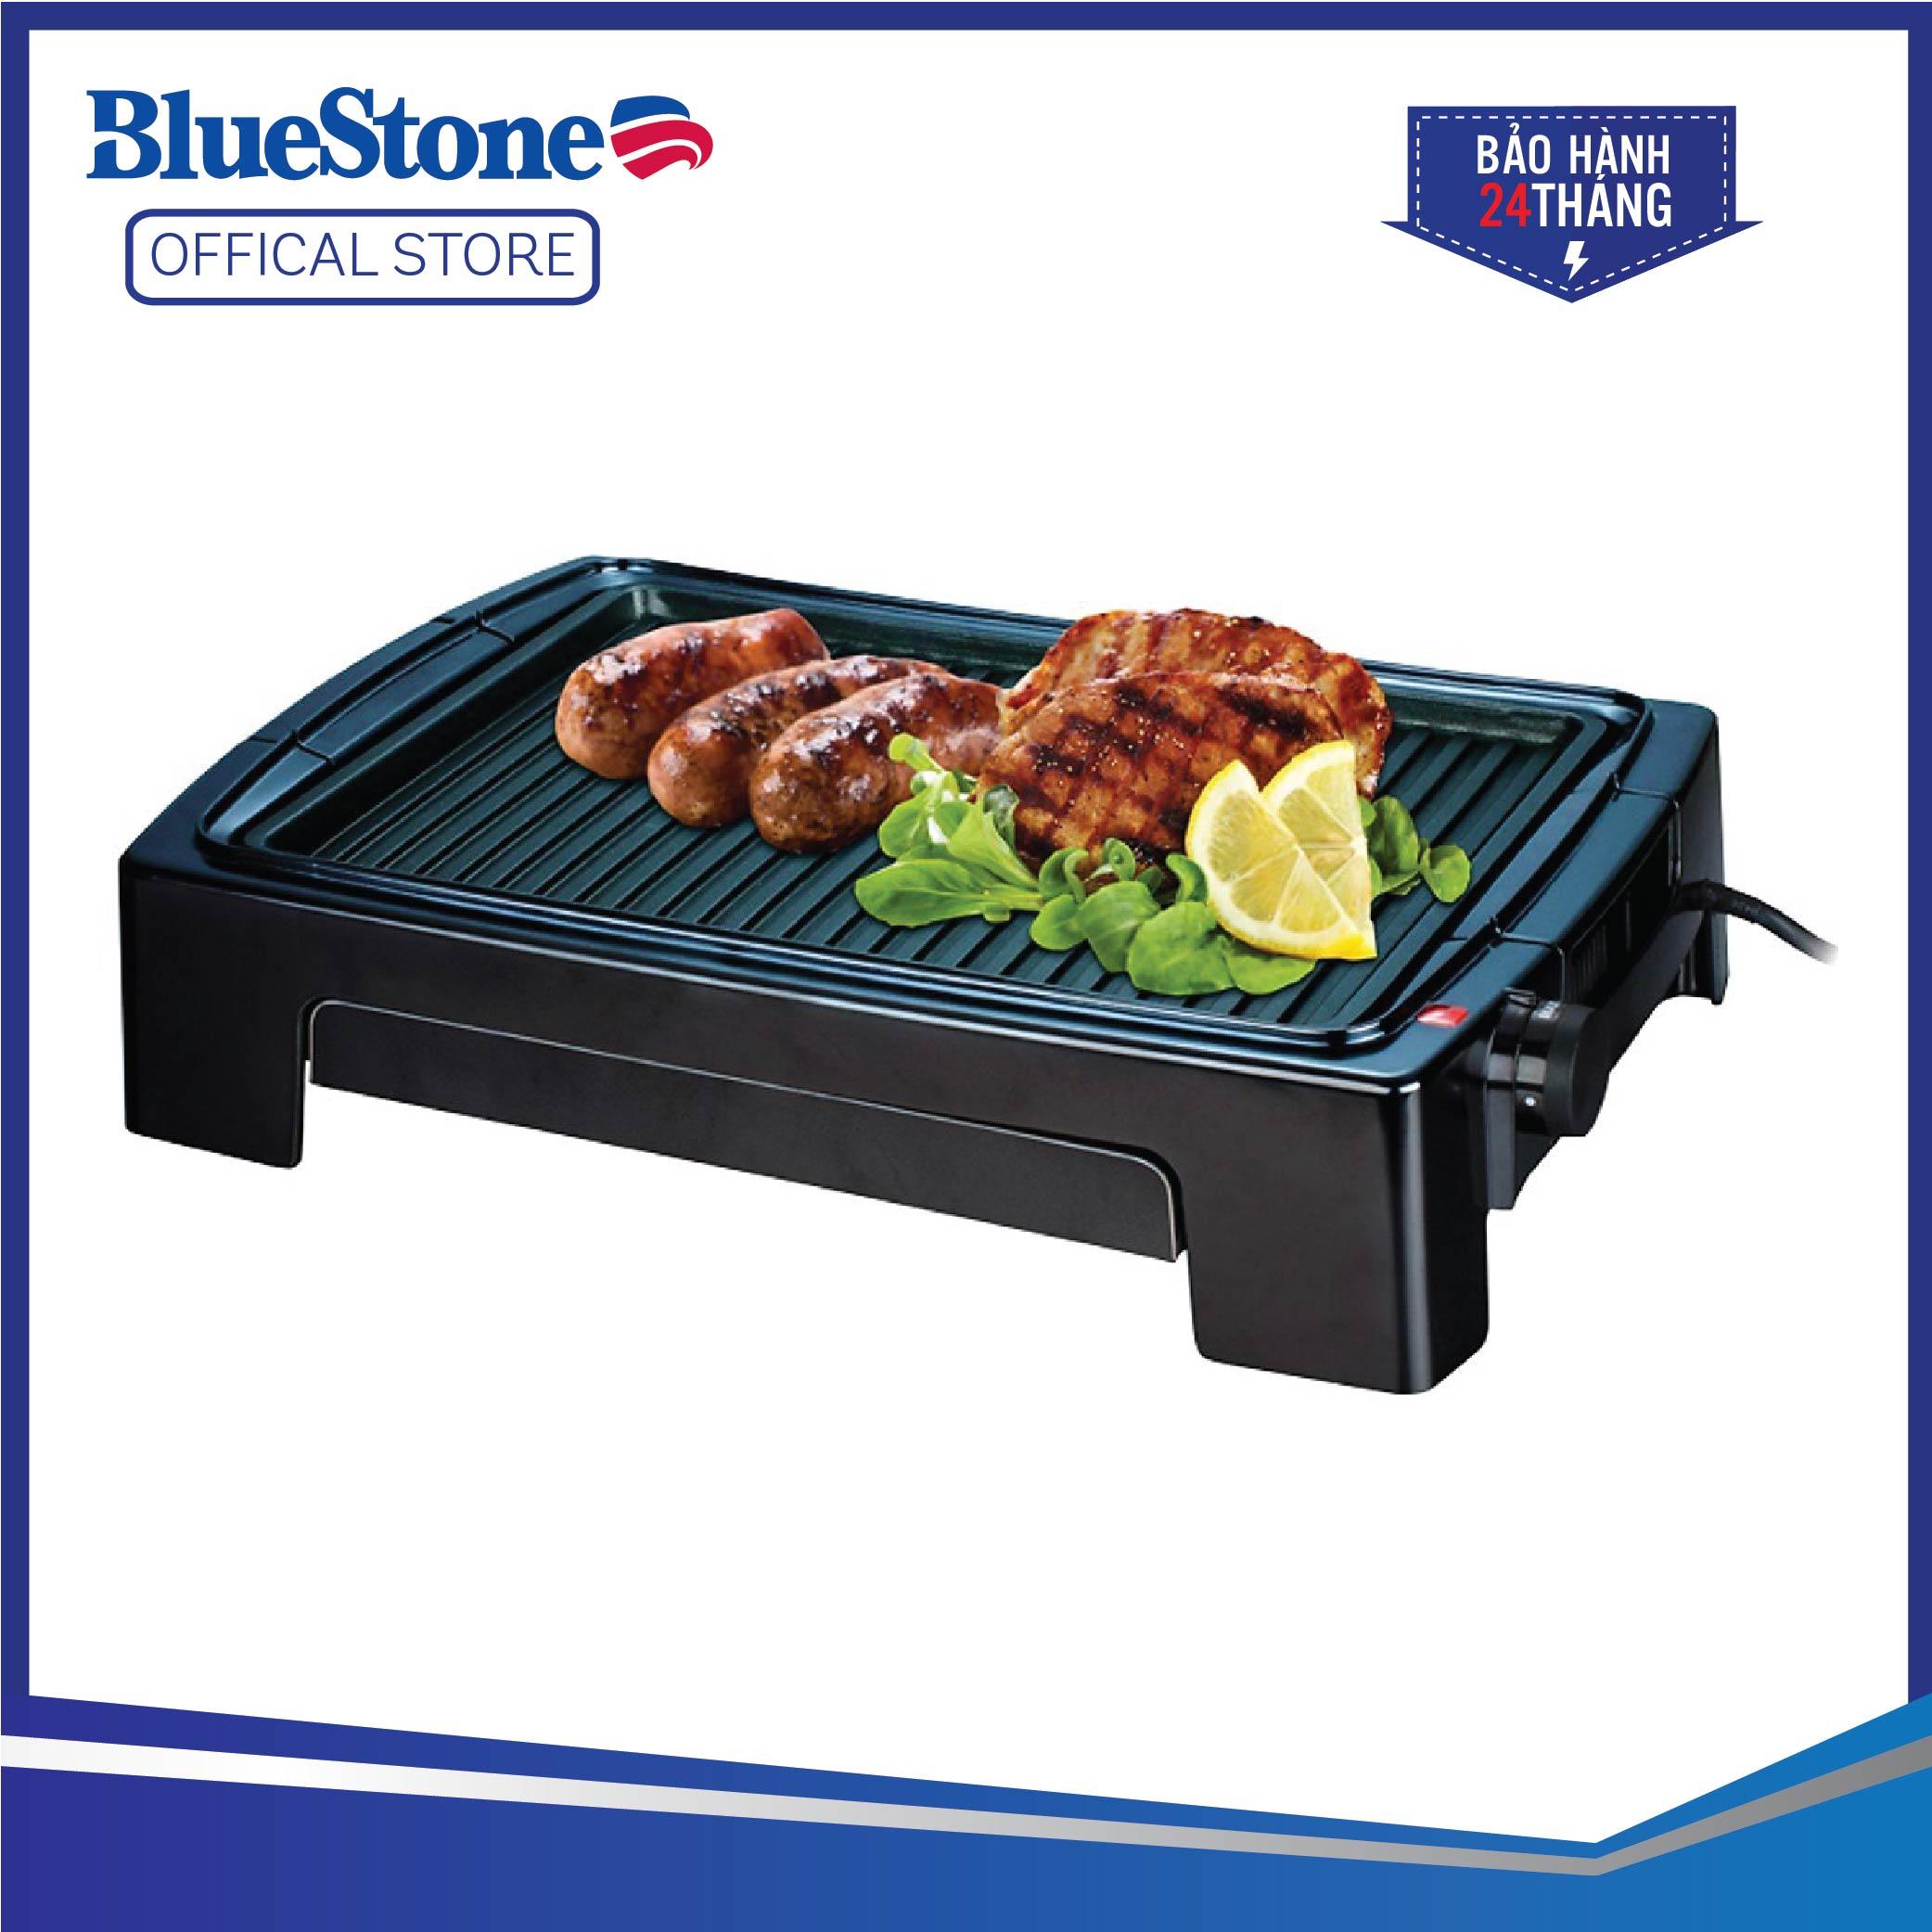 Deal Ưu Đãi Vỉ Nướng điện BlueStone EGB-7418 - Mặt Chống Dính Ceramic, 5 Mức Nhiệt độ - Công Suất 1500W - Bảo Hành 2 Năm - Hàng Chính Hãng